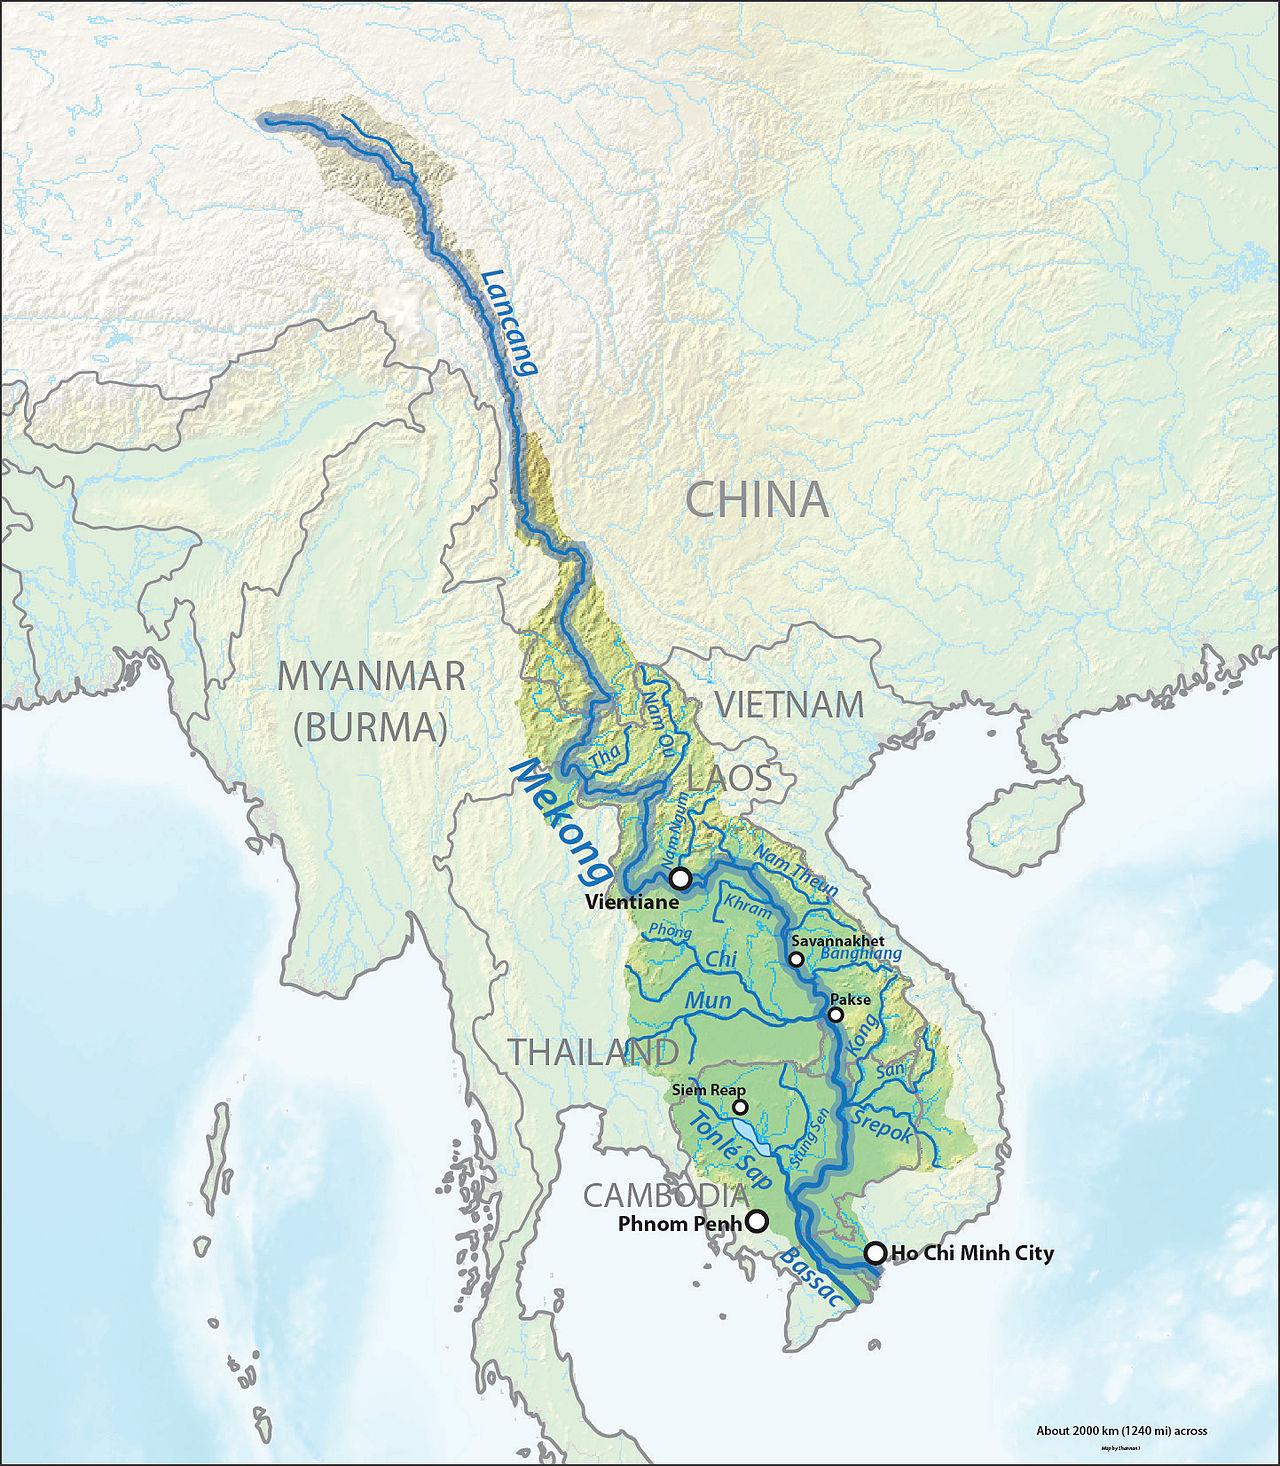 sông mê kông chảy qua bao nhiêu quốc gia